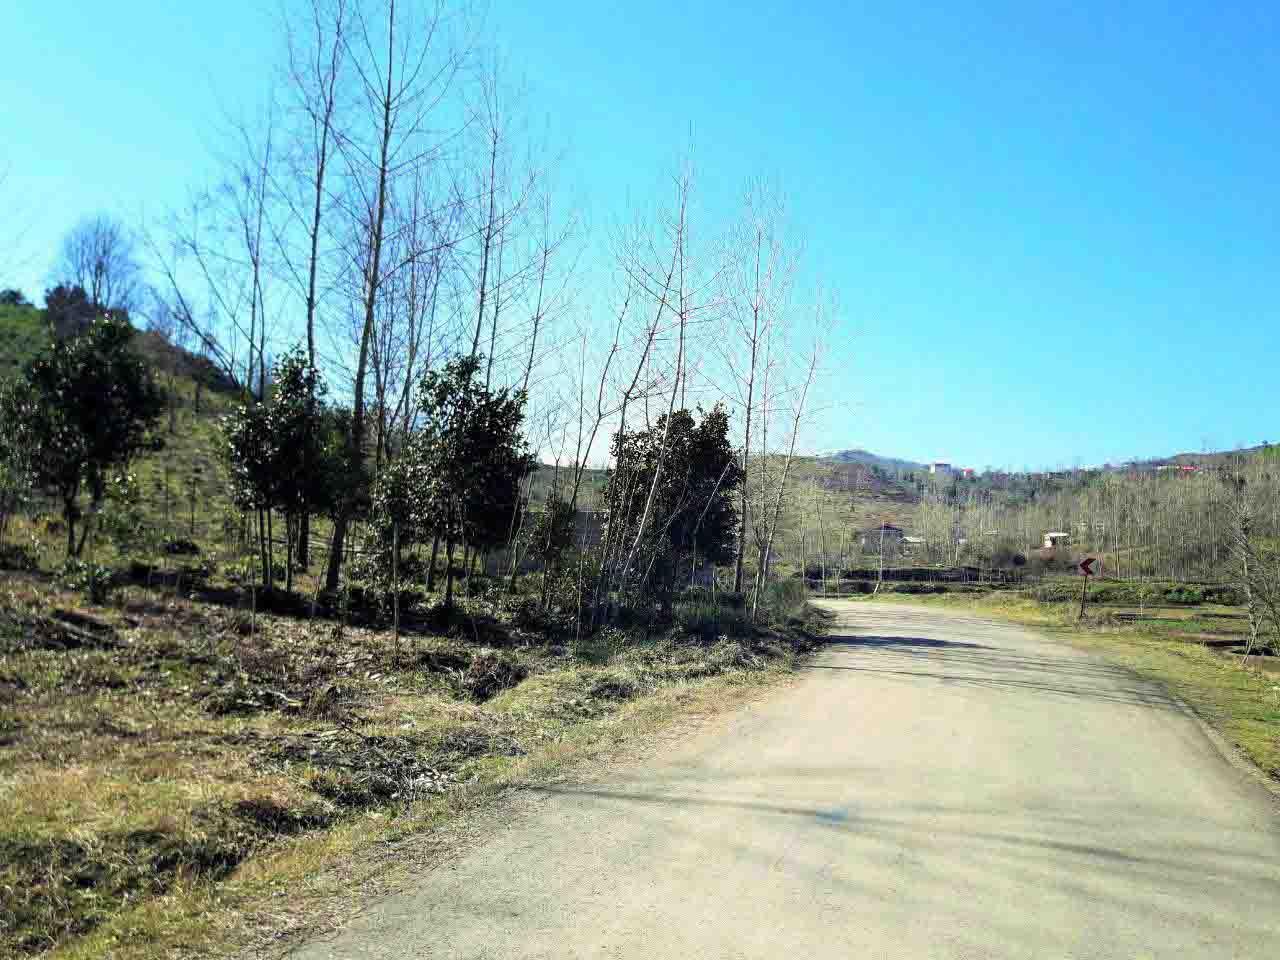 فروش زمین 9 هزار متر جنگلی اطاقور